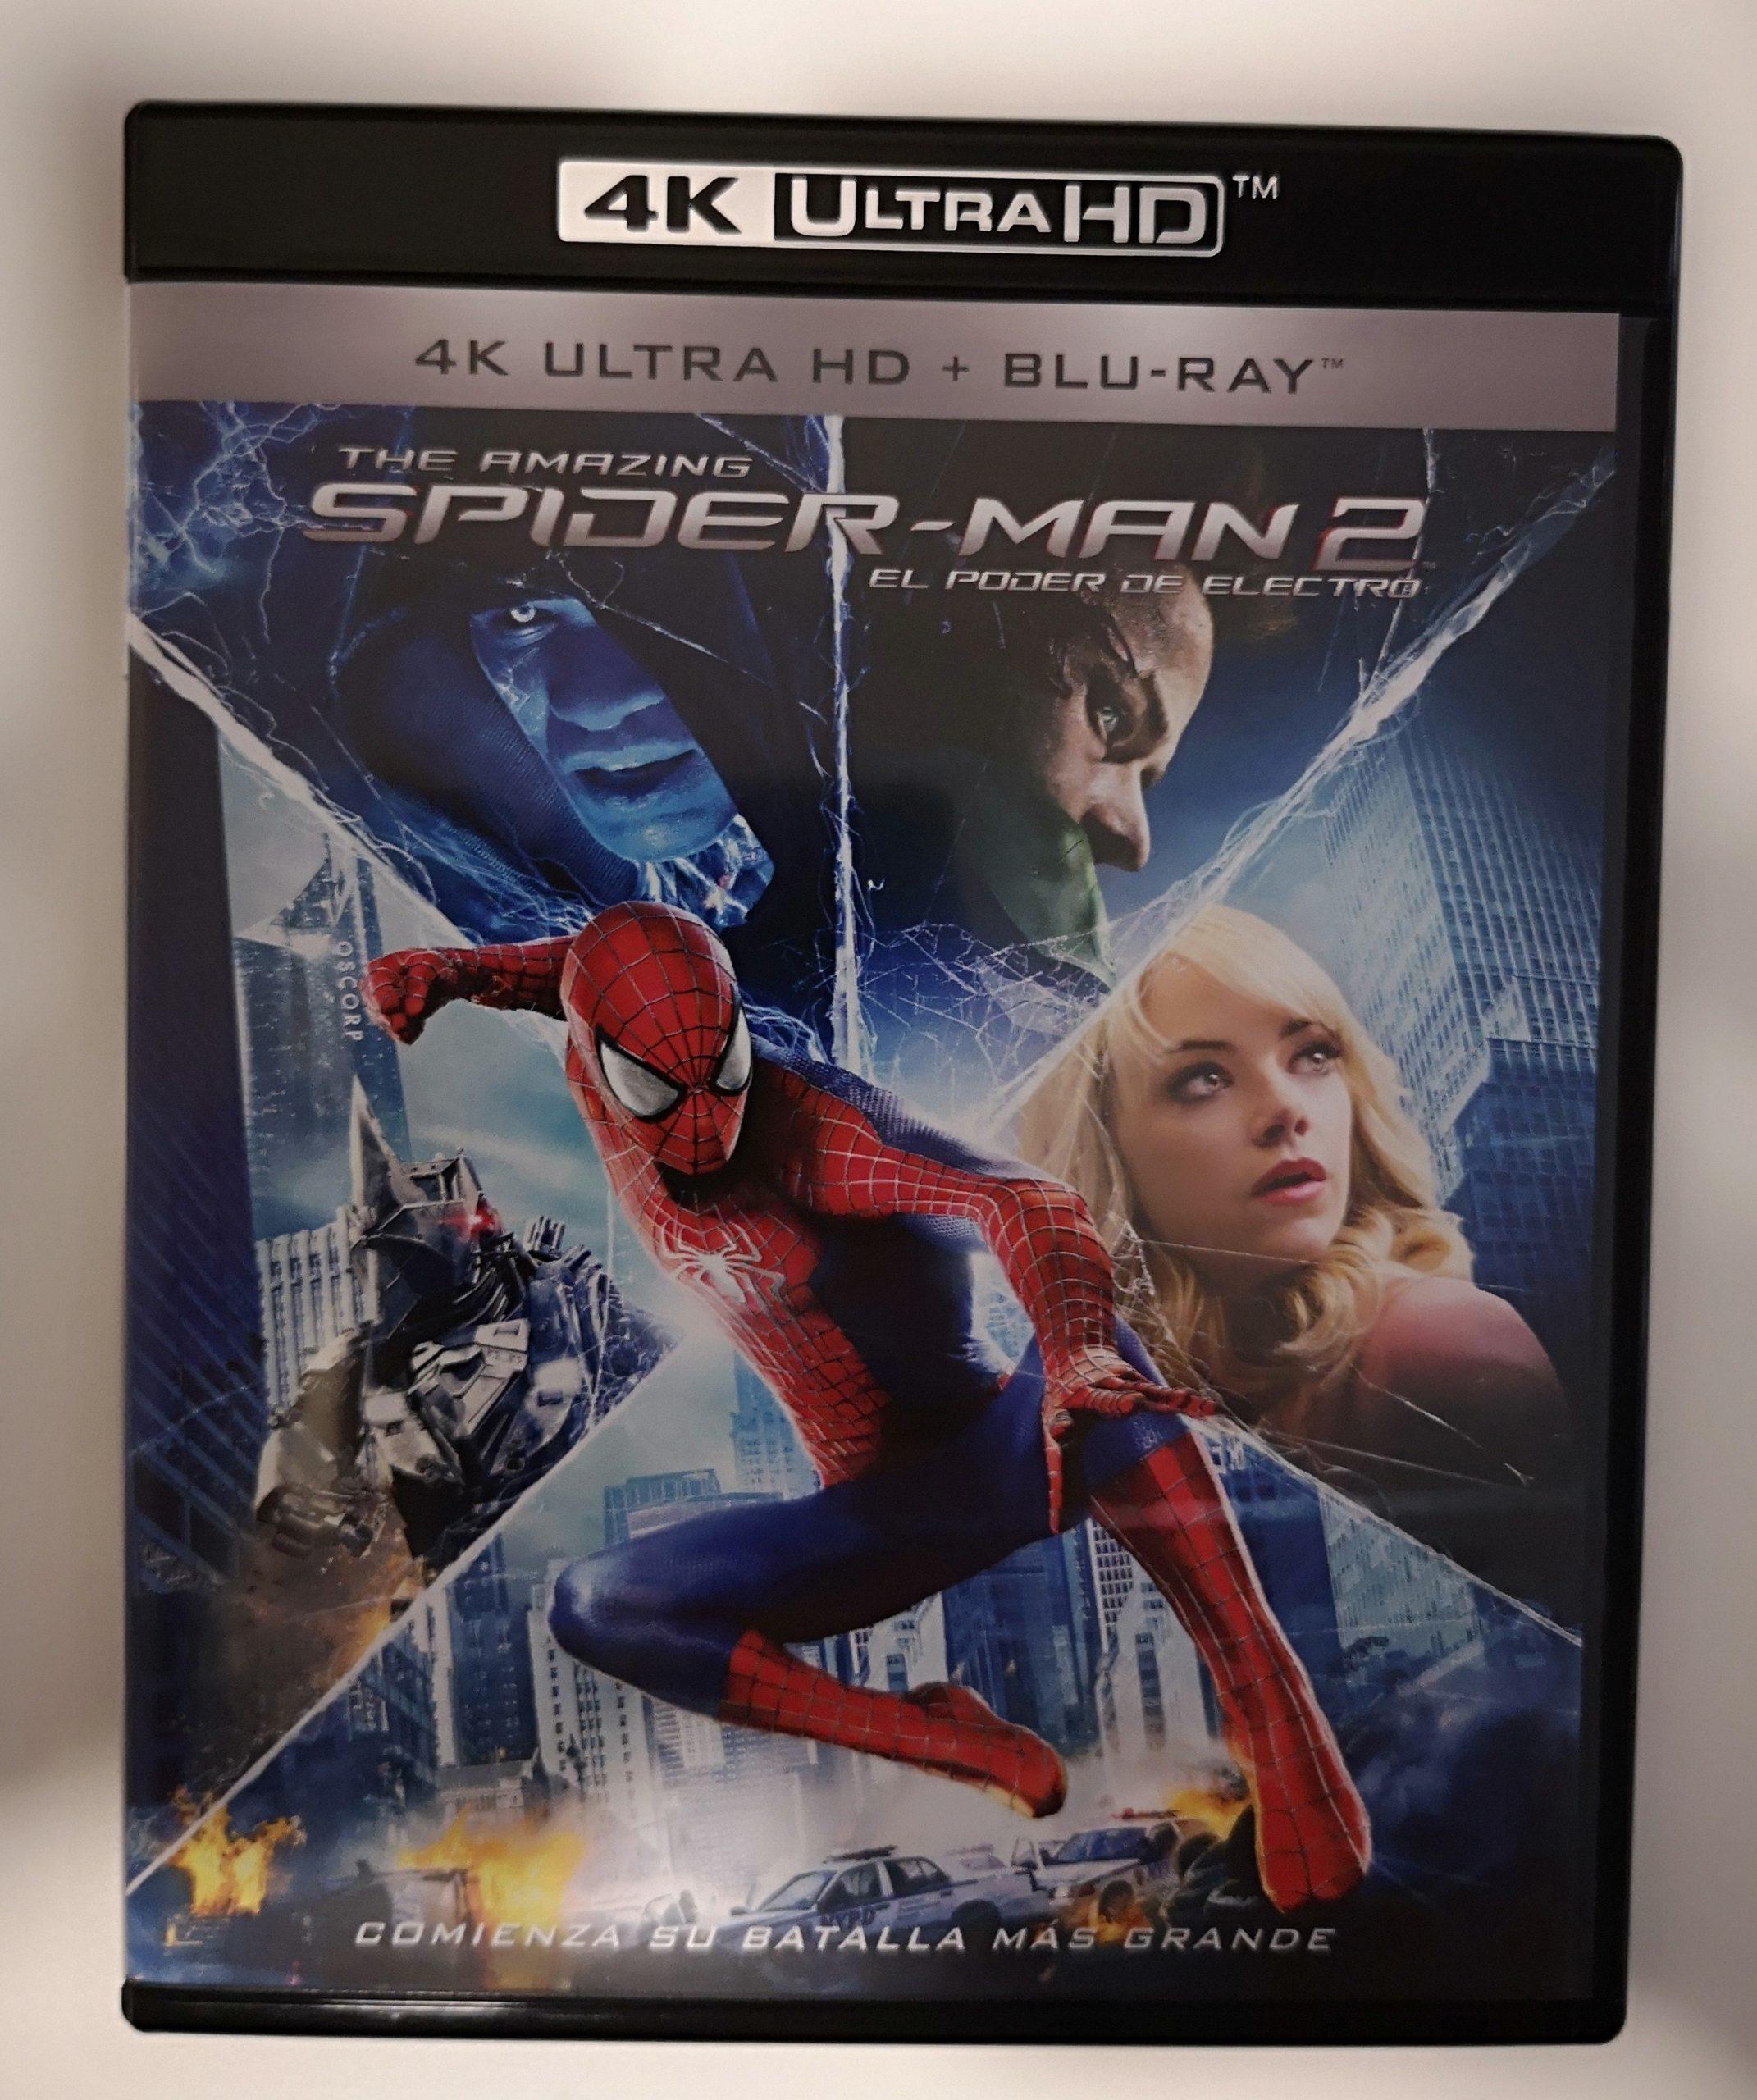 The Amazing Spider-Man 2: El poder de Electro 02